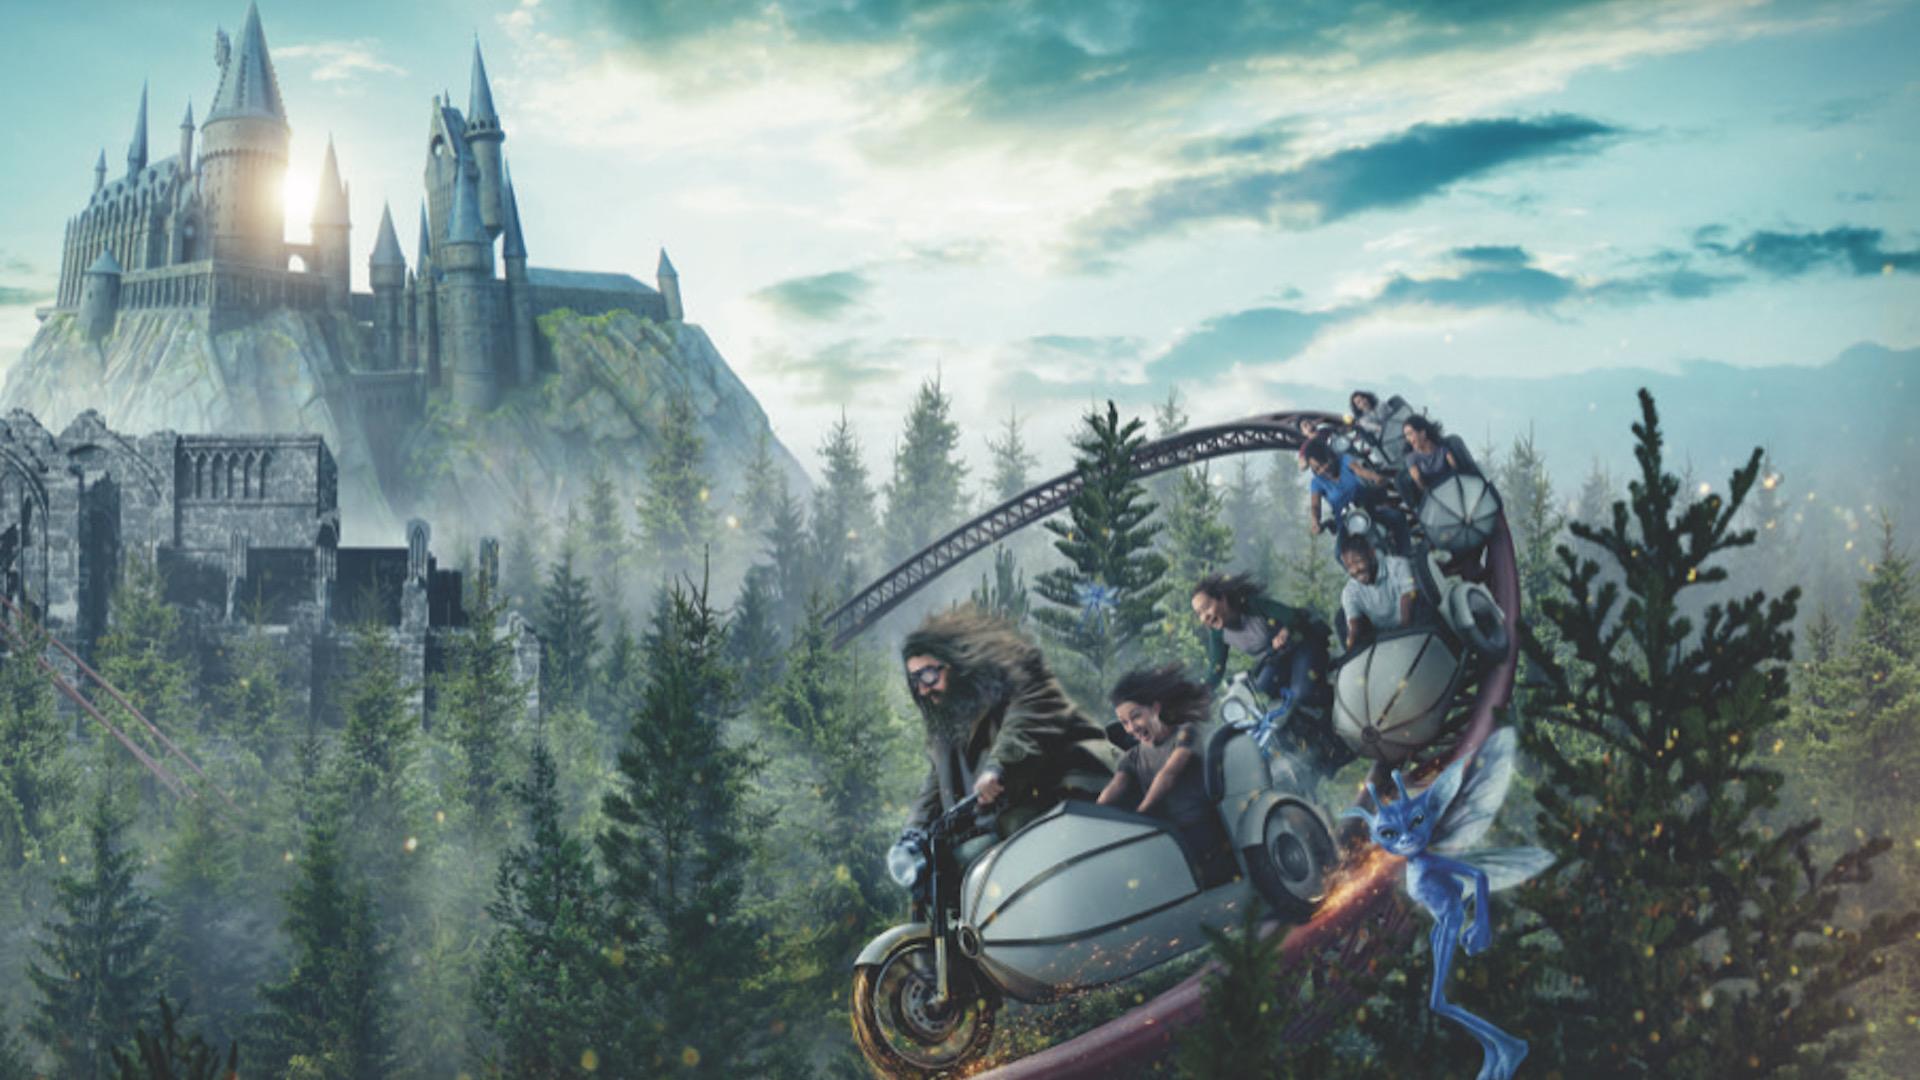 ¿Cuándo inaugura la montaña rusa de Harry Potter en Universal Orlando?